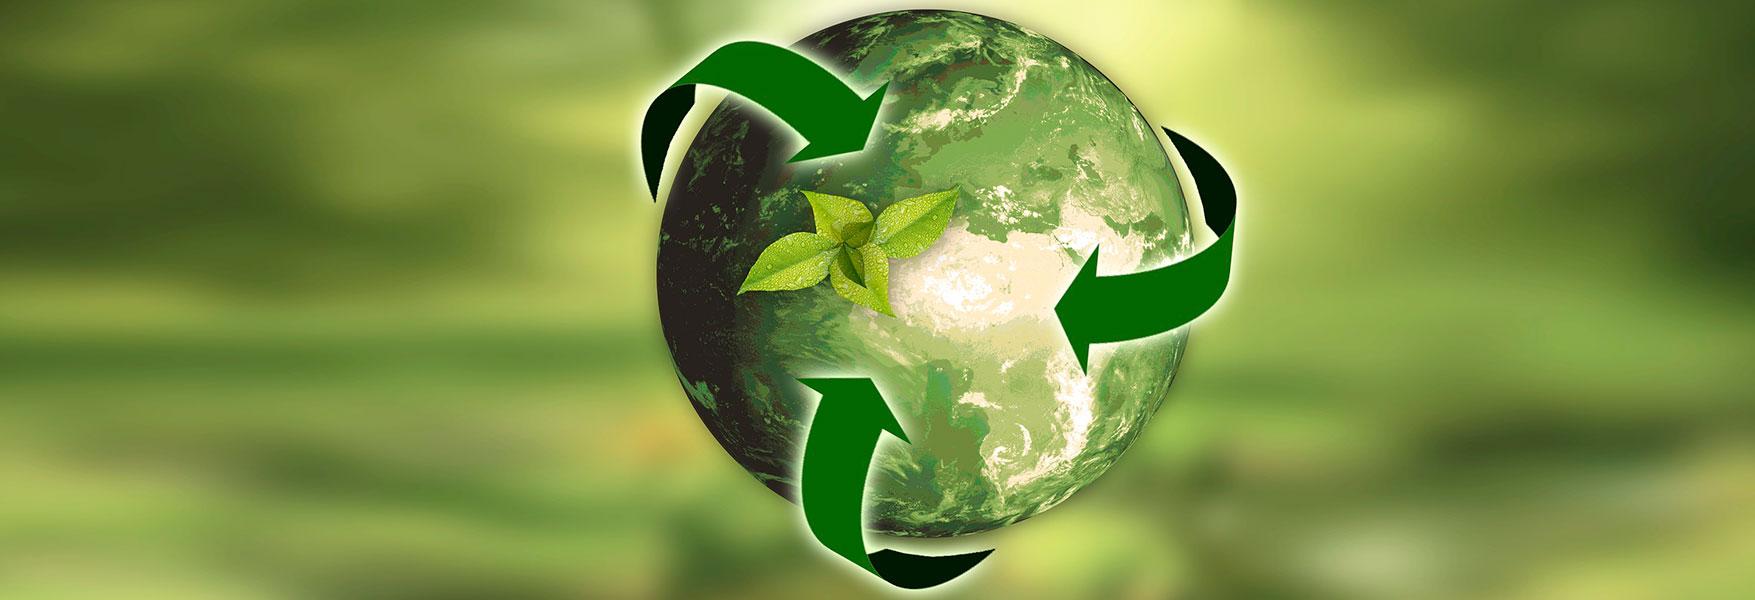 ¡El medio ambiente también es nuestra prioridad en SigmaQ!